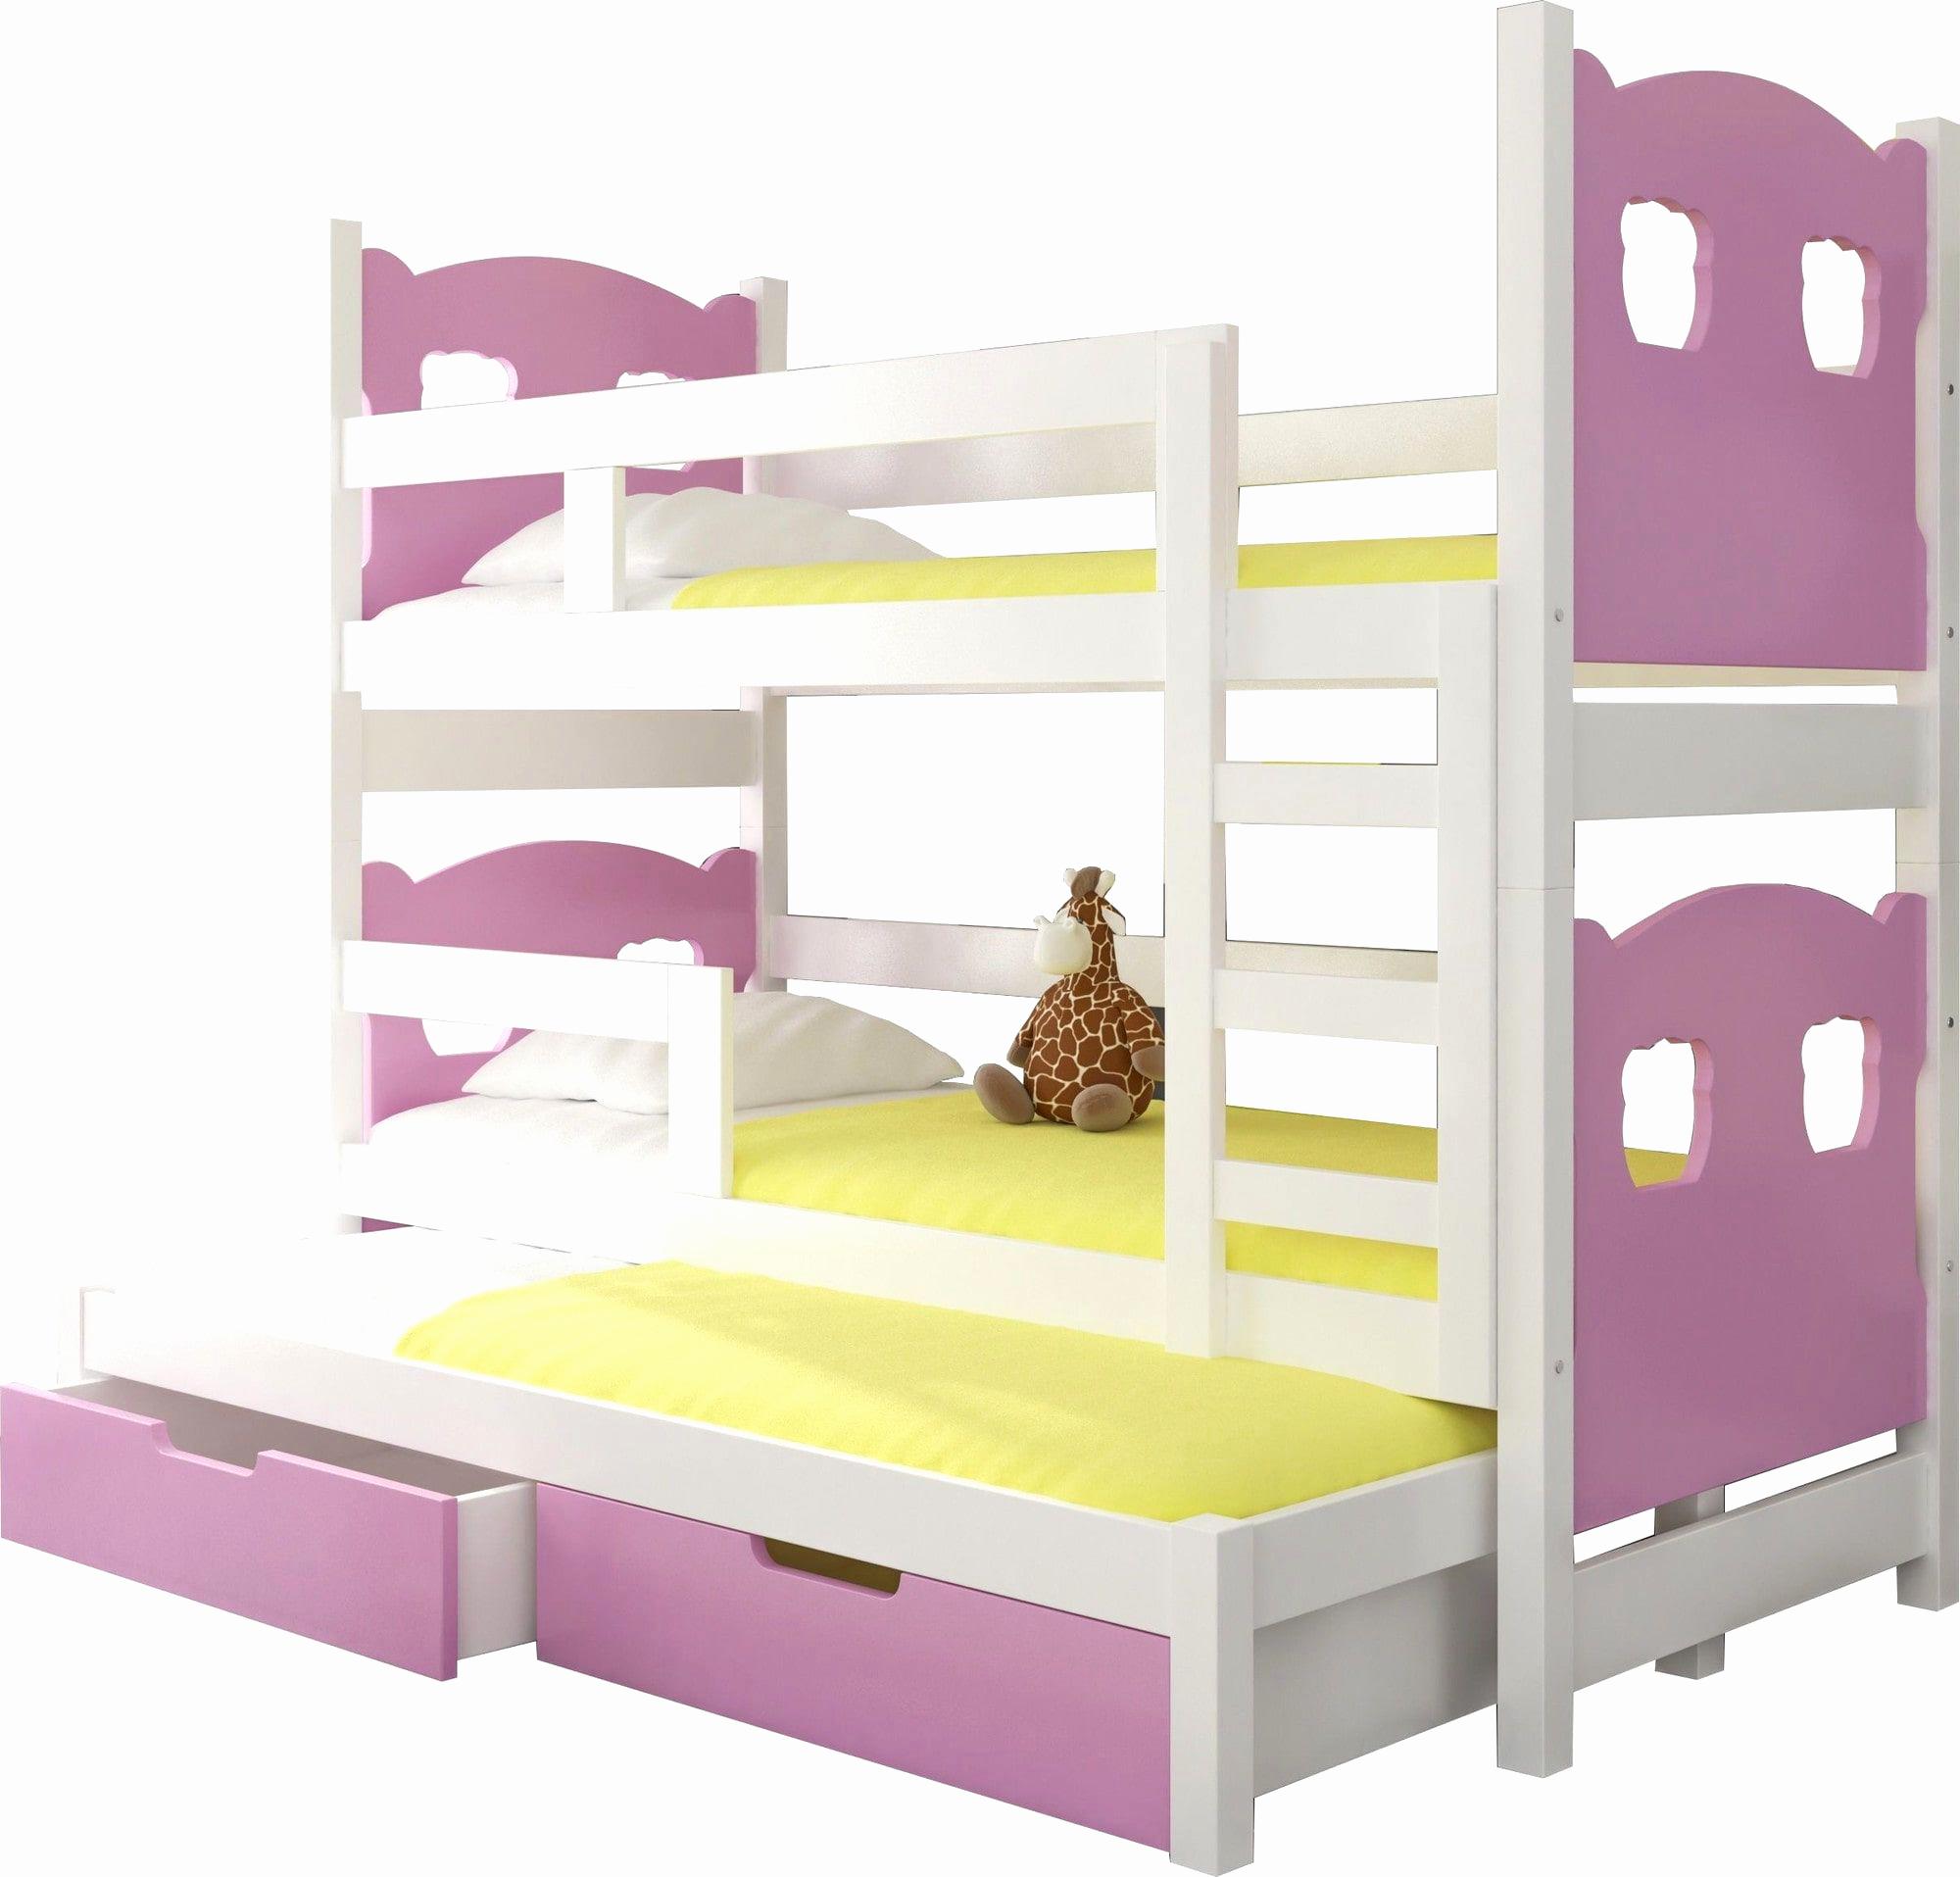 Lit Gigogne 2 Places Conforama Meilleur De Collection Lit Gigogne 3 Places Inspirant Lit Gigogne 2 Places Ikea Bz 2 Places